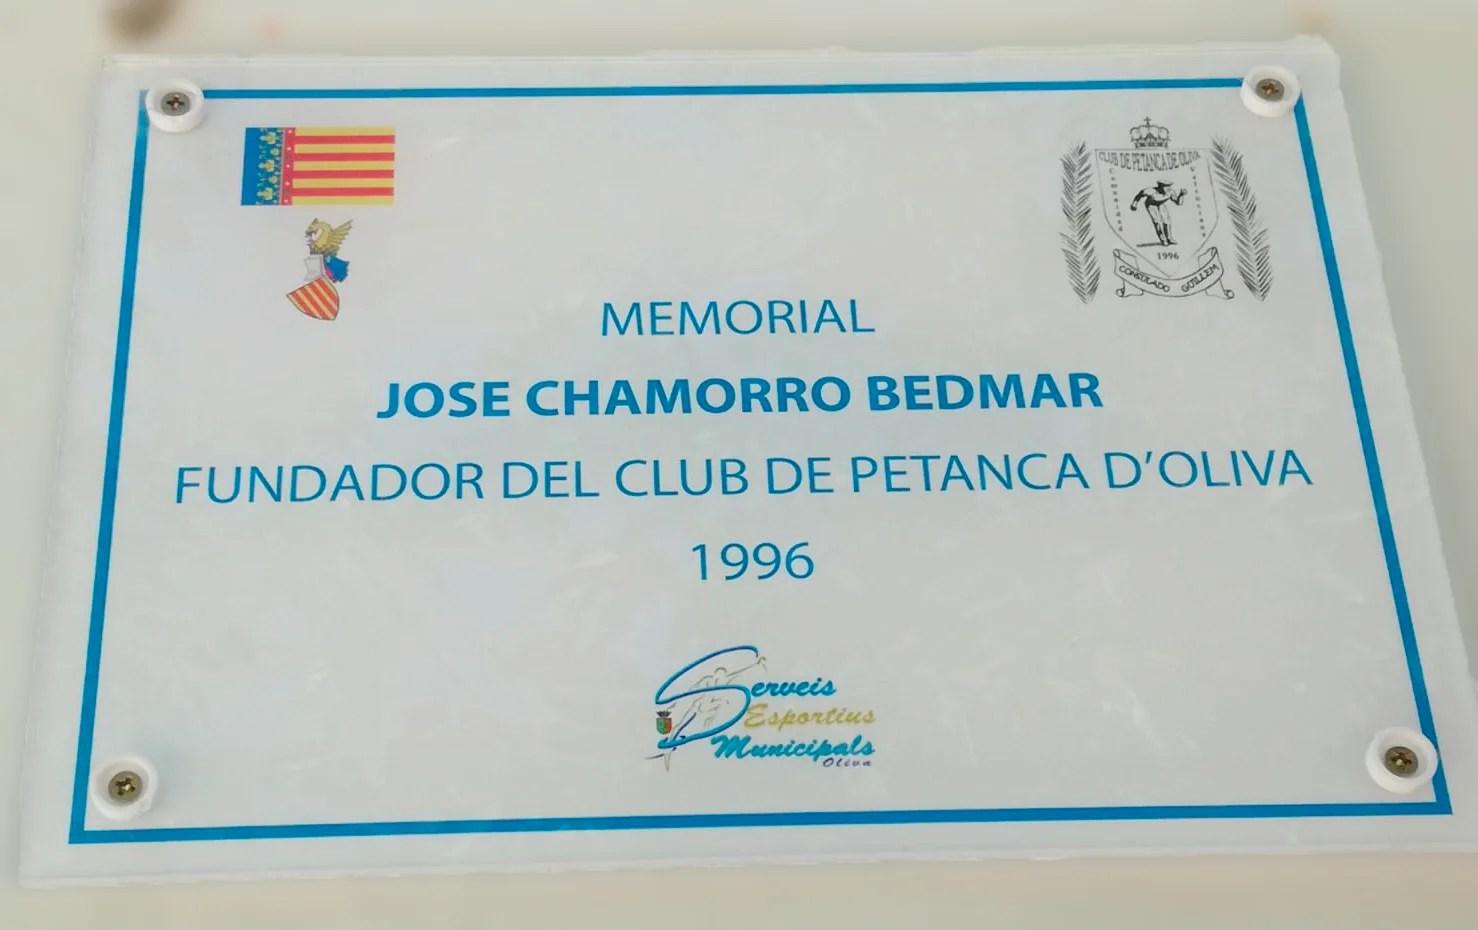 17 DE AGOSTO 2019 TROFEO A LA MEMORIA JOSE CHAMORRO